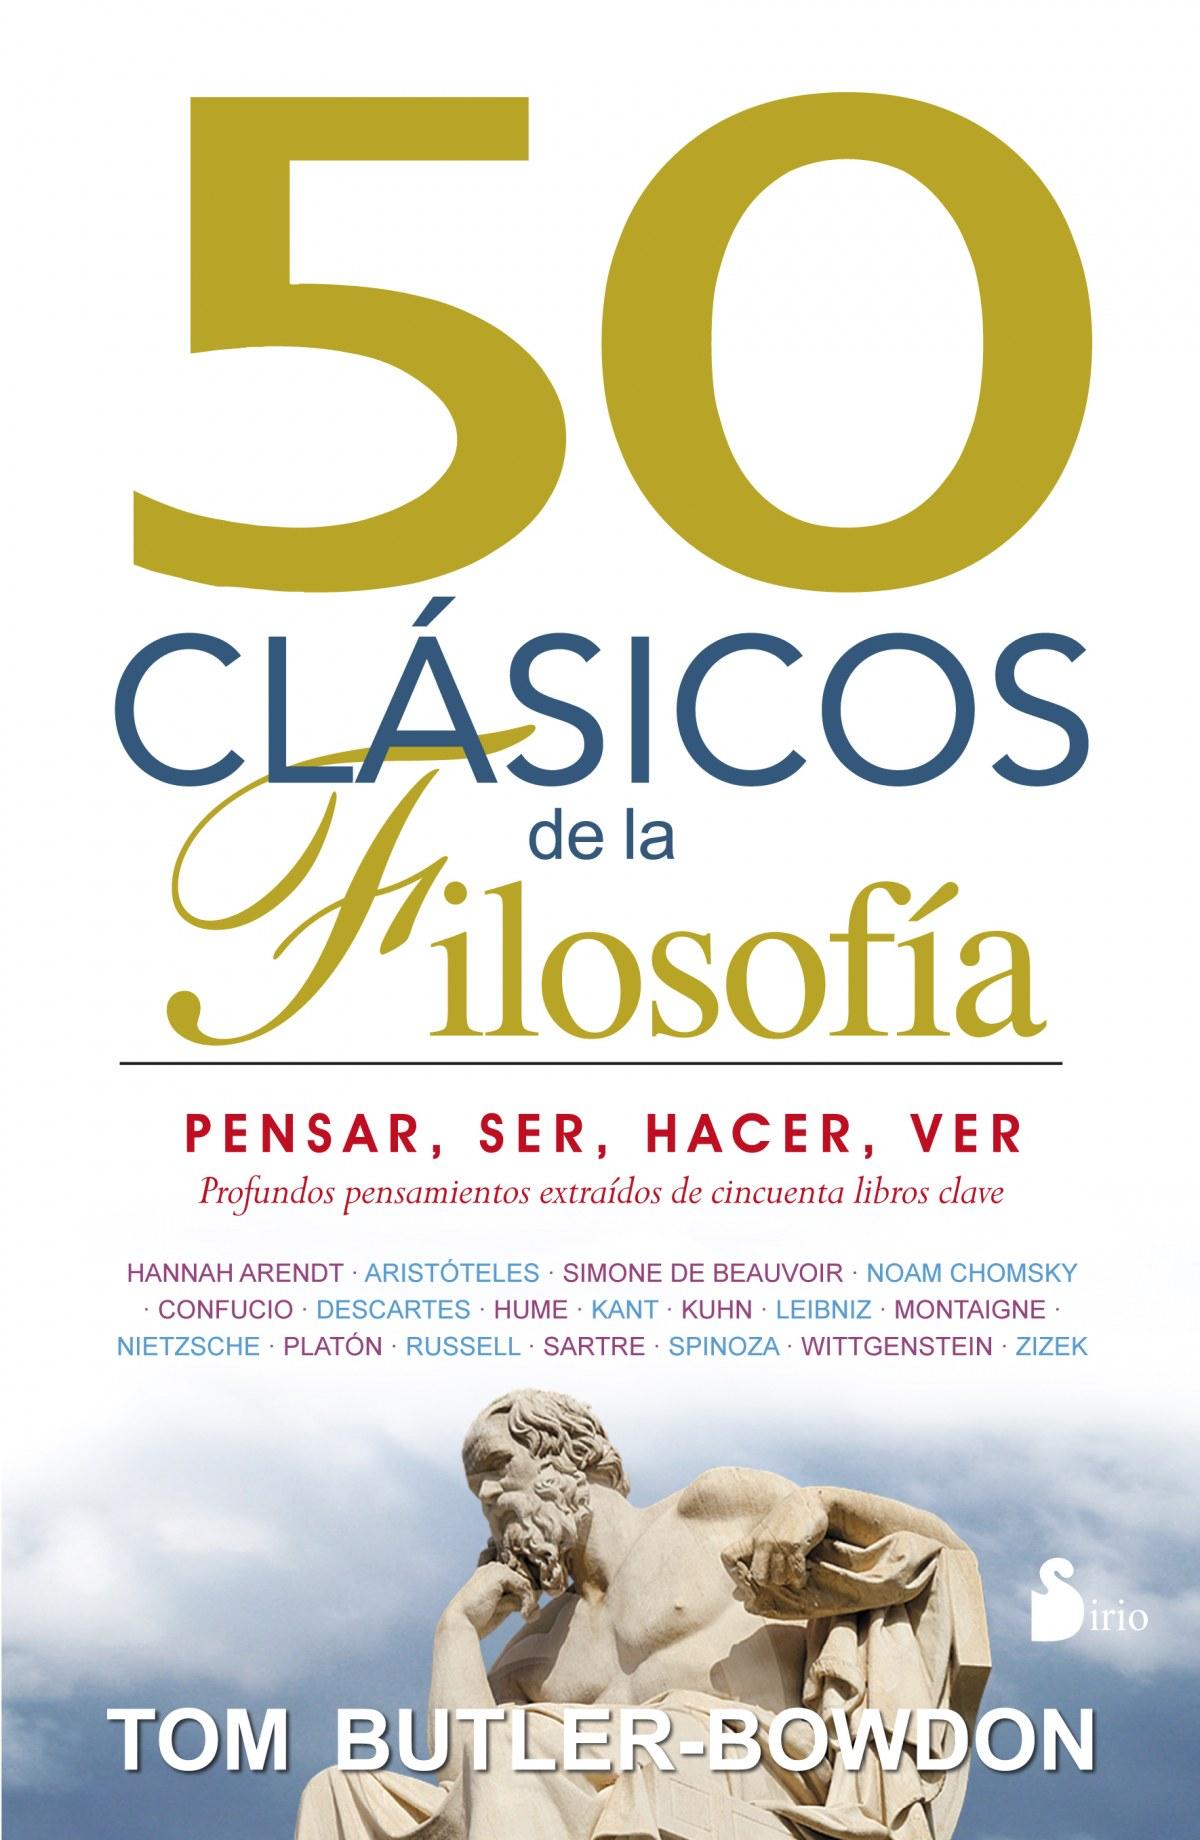 50 clásicos de la filosofía